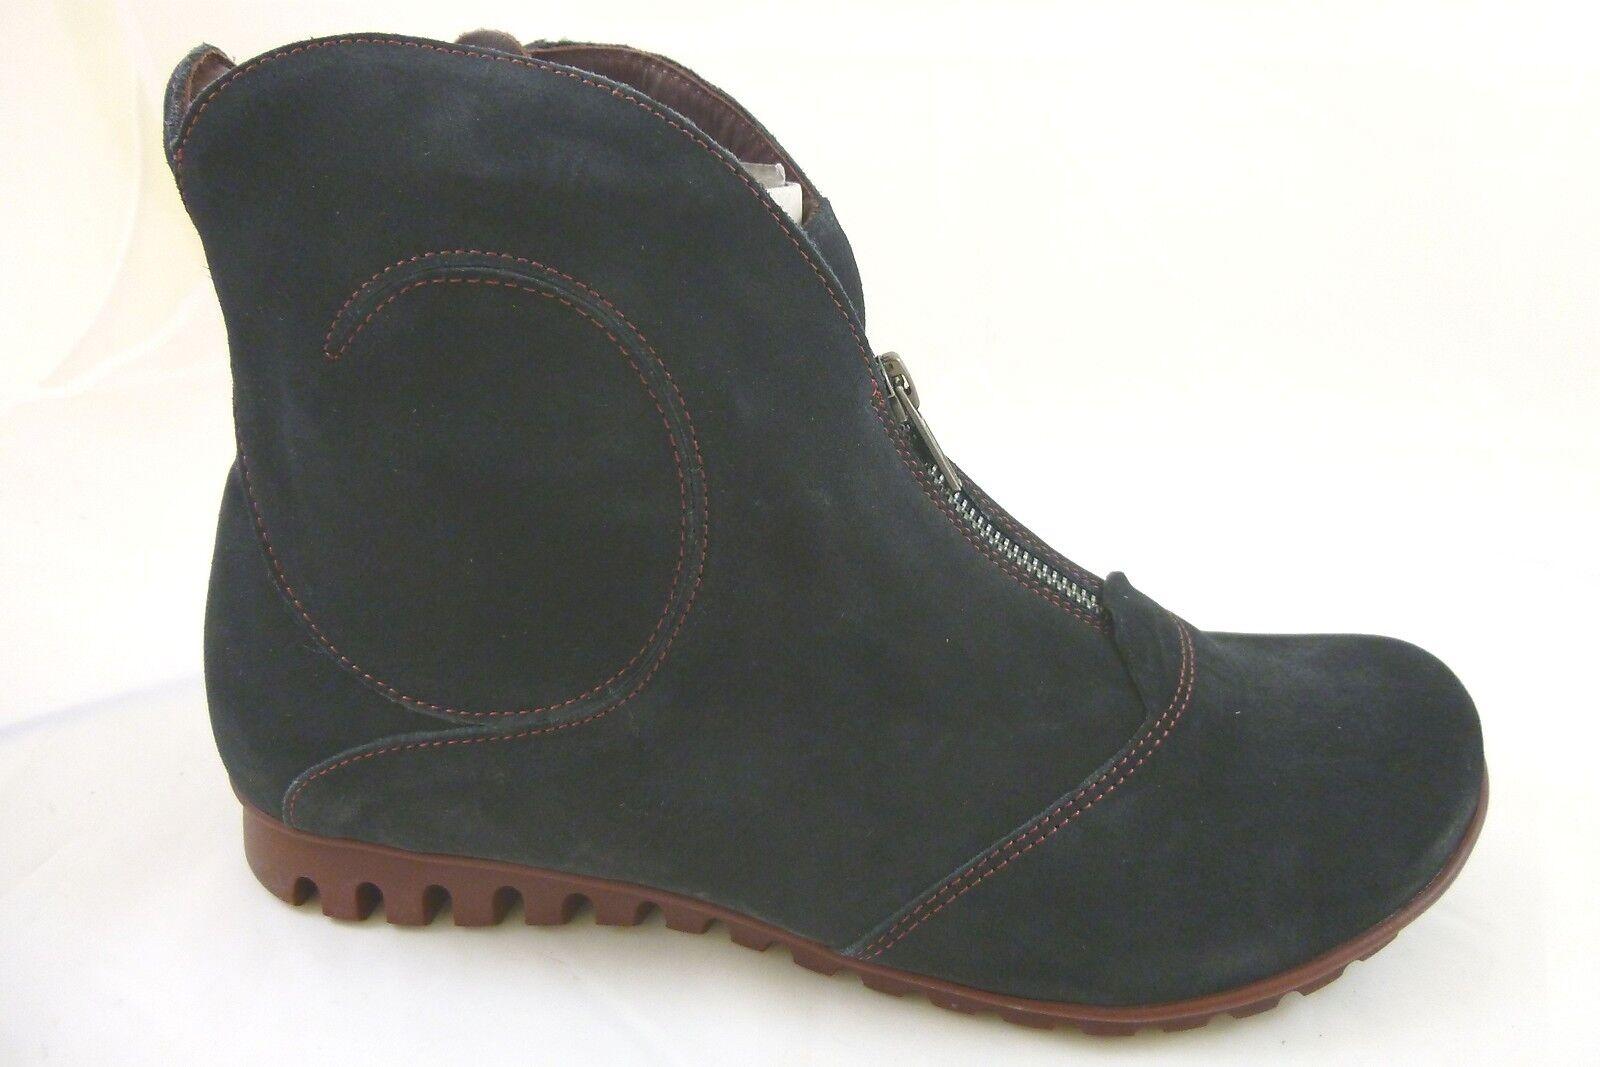 471 THINK Damen Boots Stiefel BESSA eUVP* 149,90